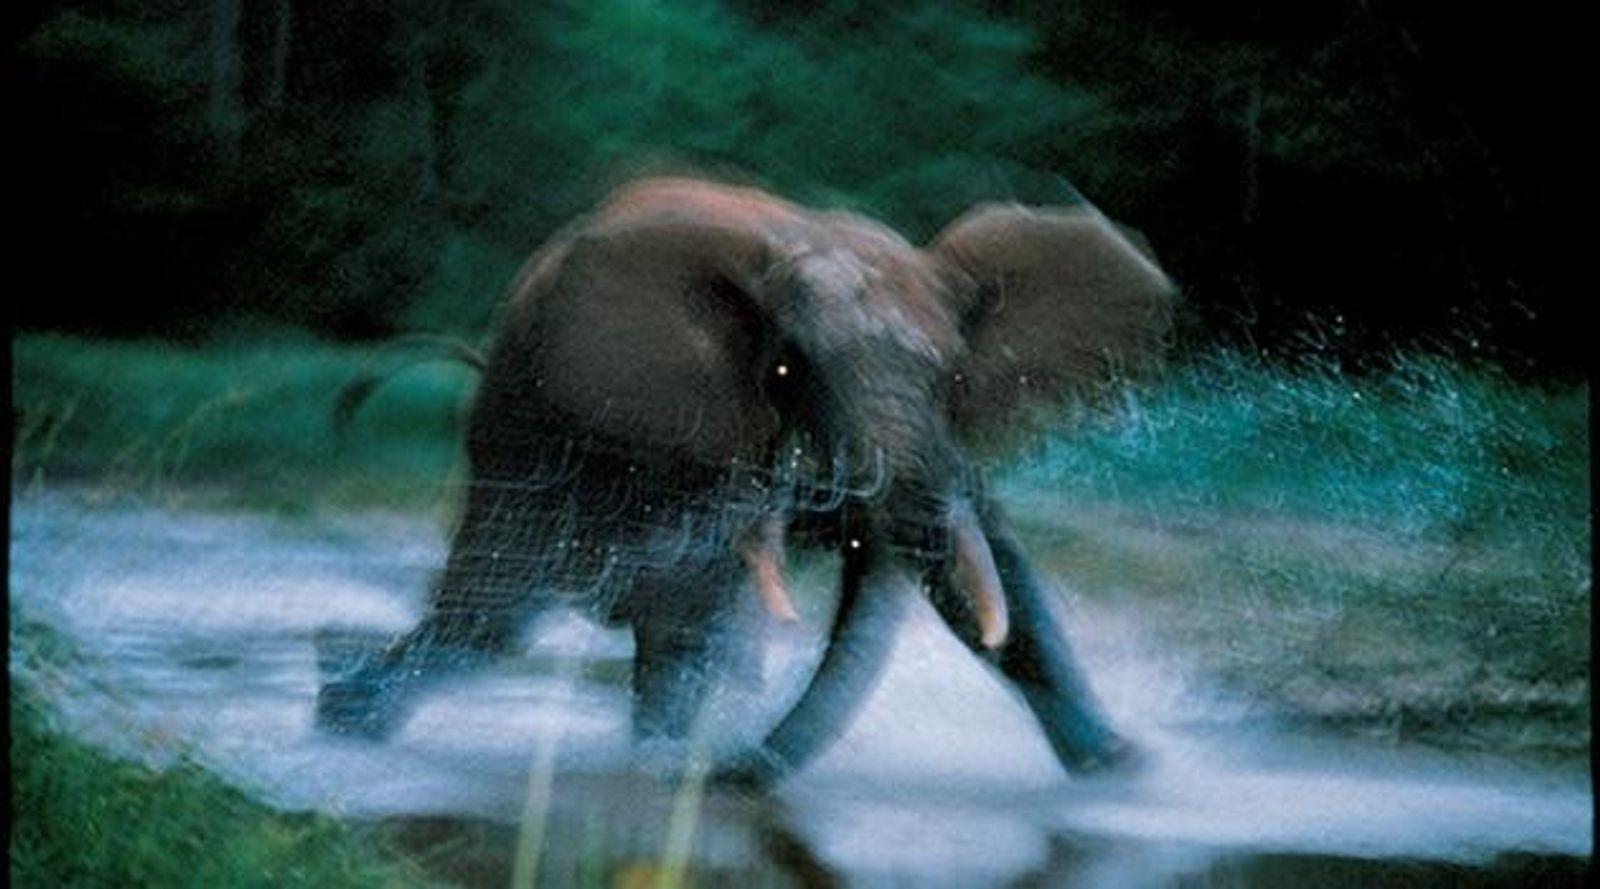 Der Fotograf Michael Nichols fotografierte in der Zentralafrikanischen Republik einen attackierenden Waldelefanten. Das Bild entstand 1993 ...